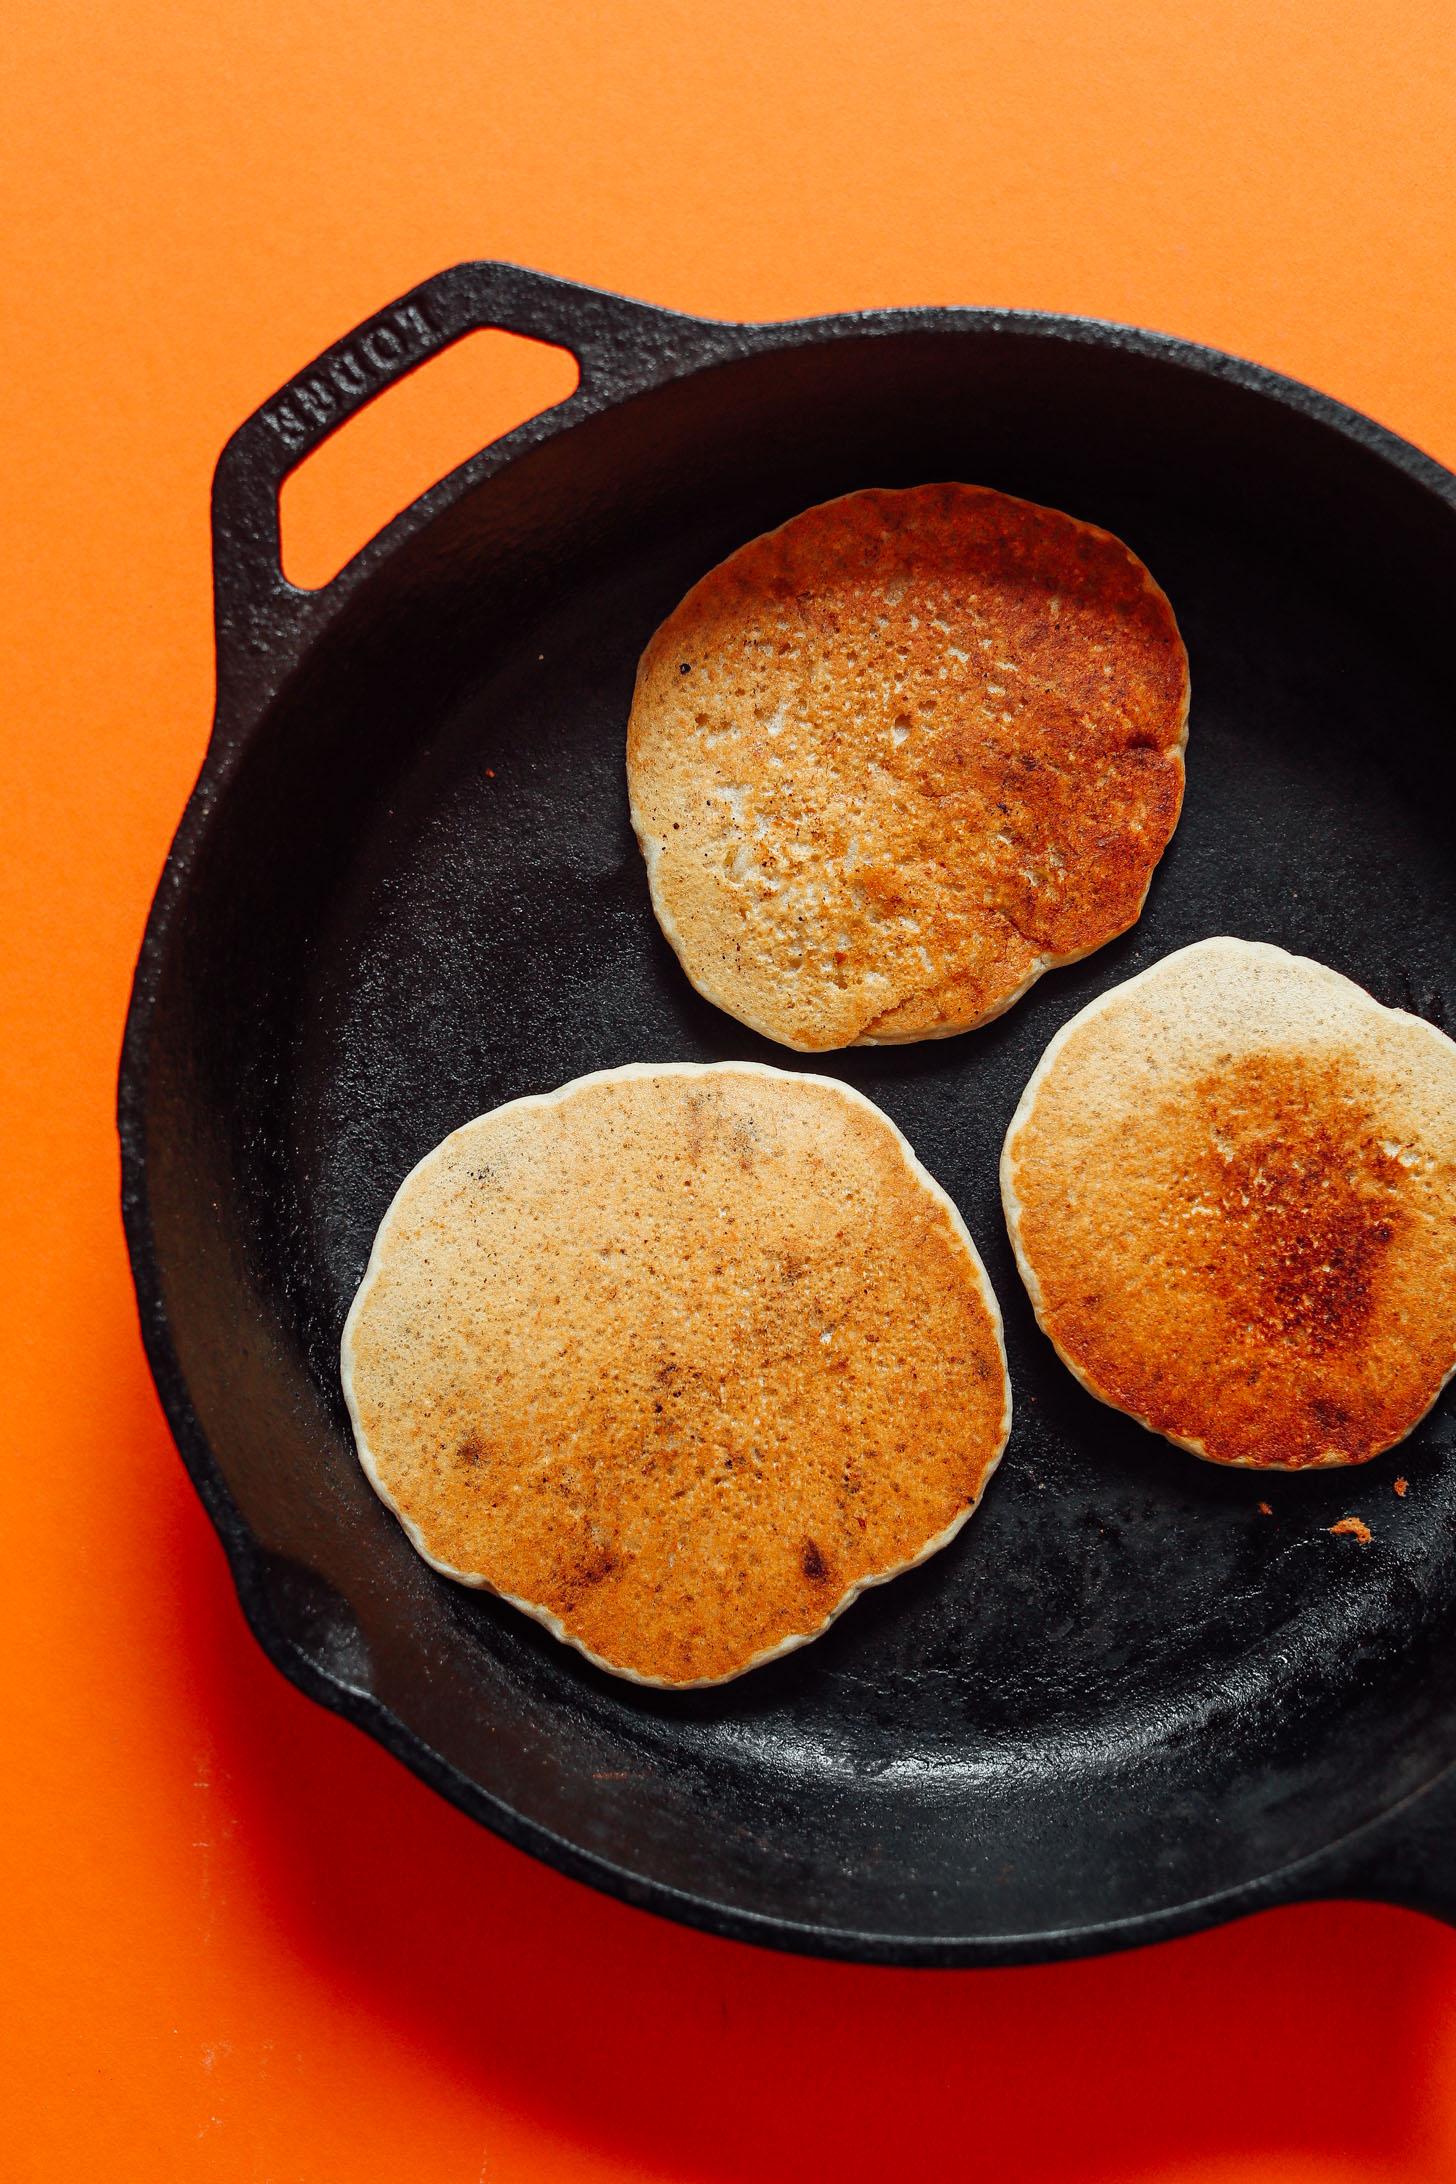 Cooking gluten-free vegan Banana Oat Pancakes in a skillet